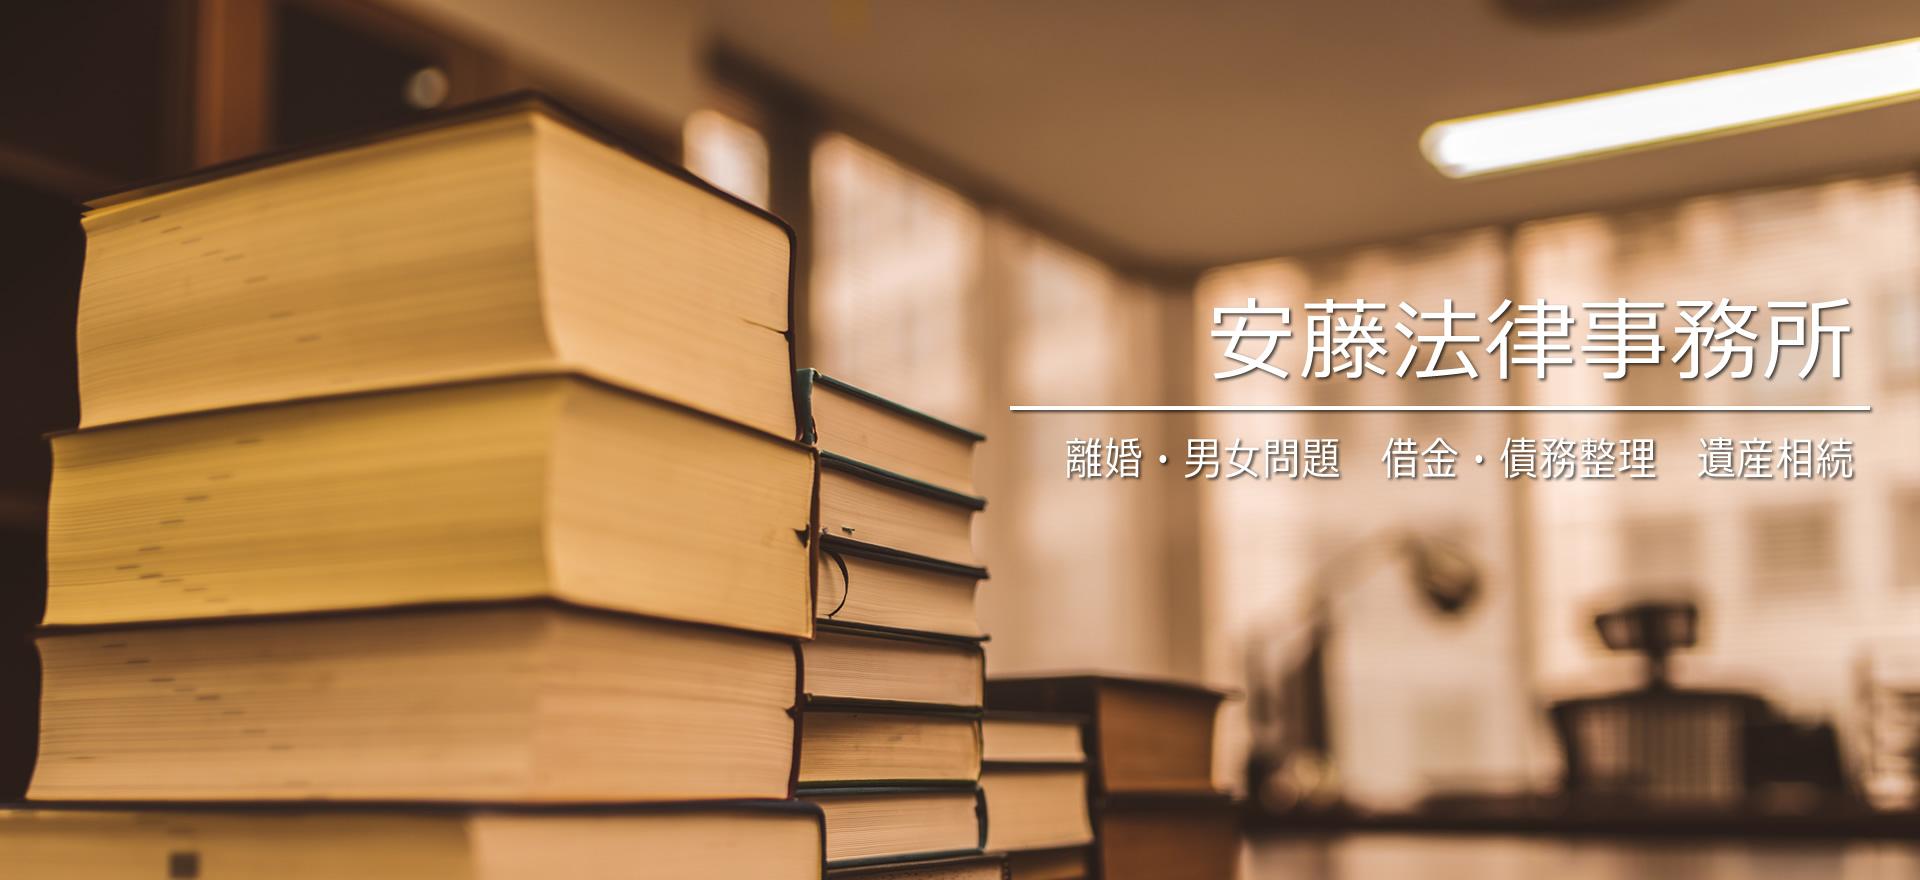 安藤法律事務所/埼玉県飯能市/離婚・男女問題、借金・債務整理、遺産相続